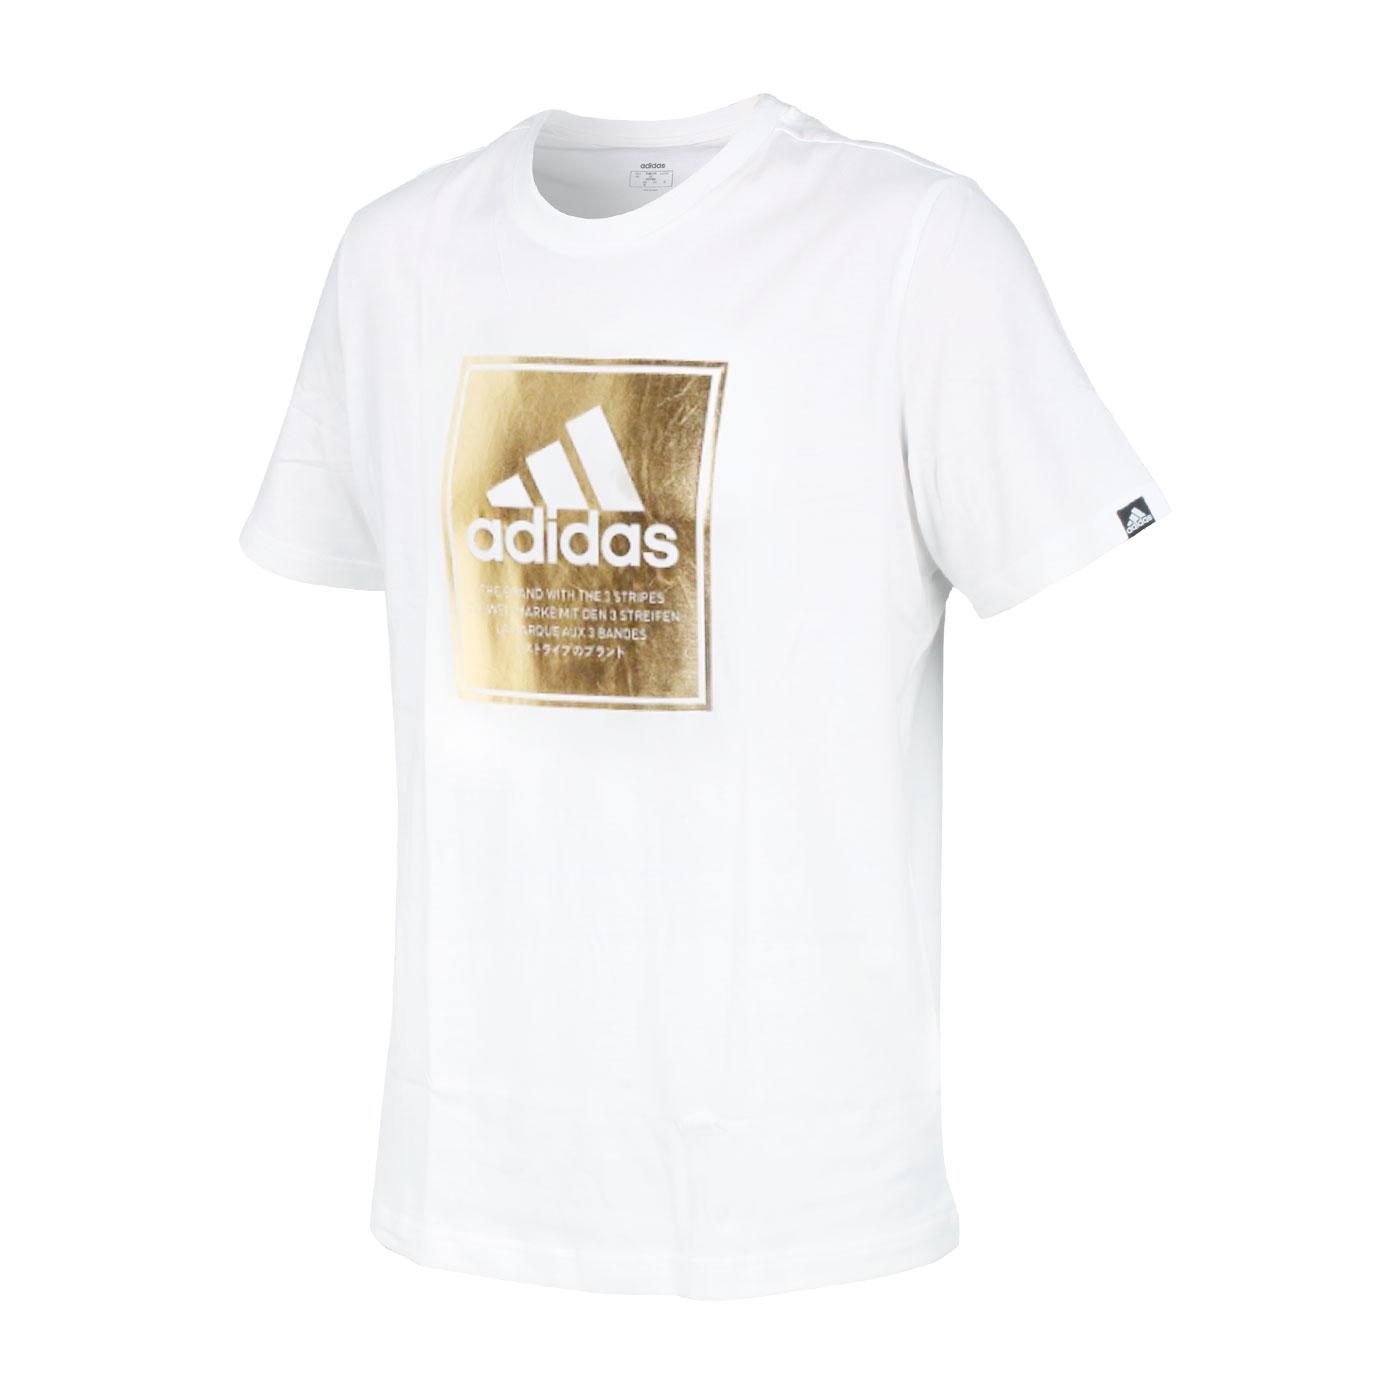 ADIDAS 男款短袖T恤 GD5930 - 白金